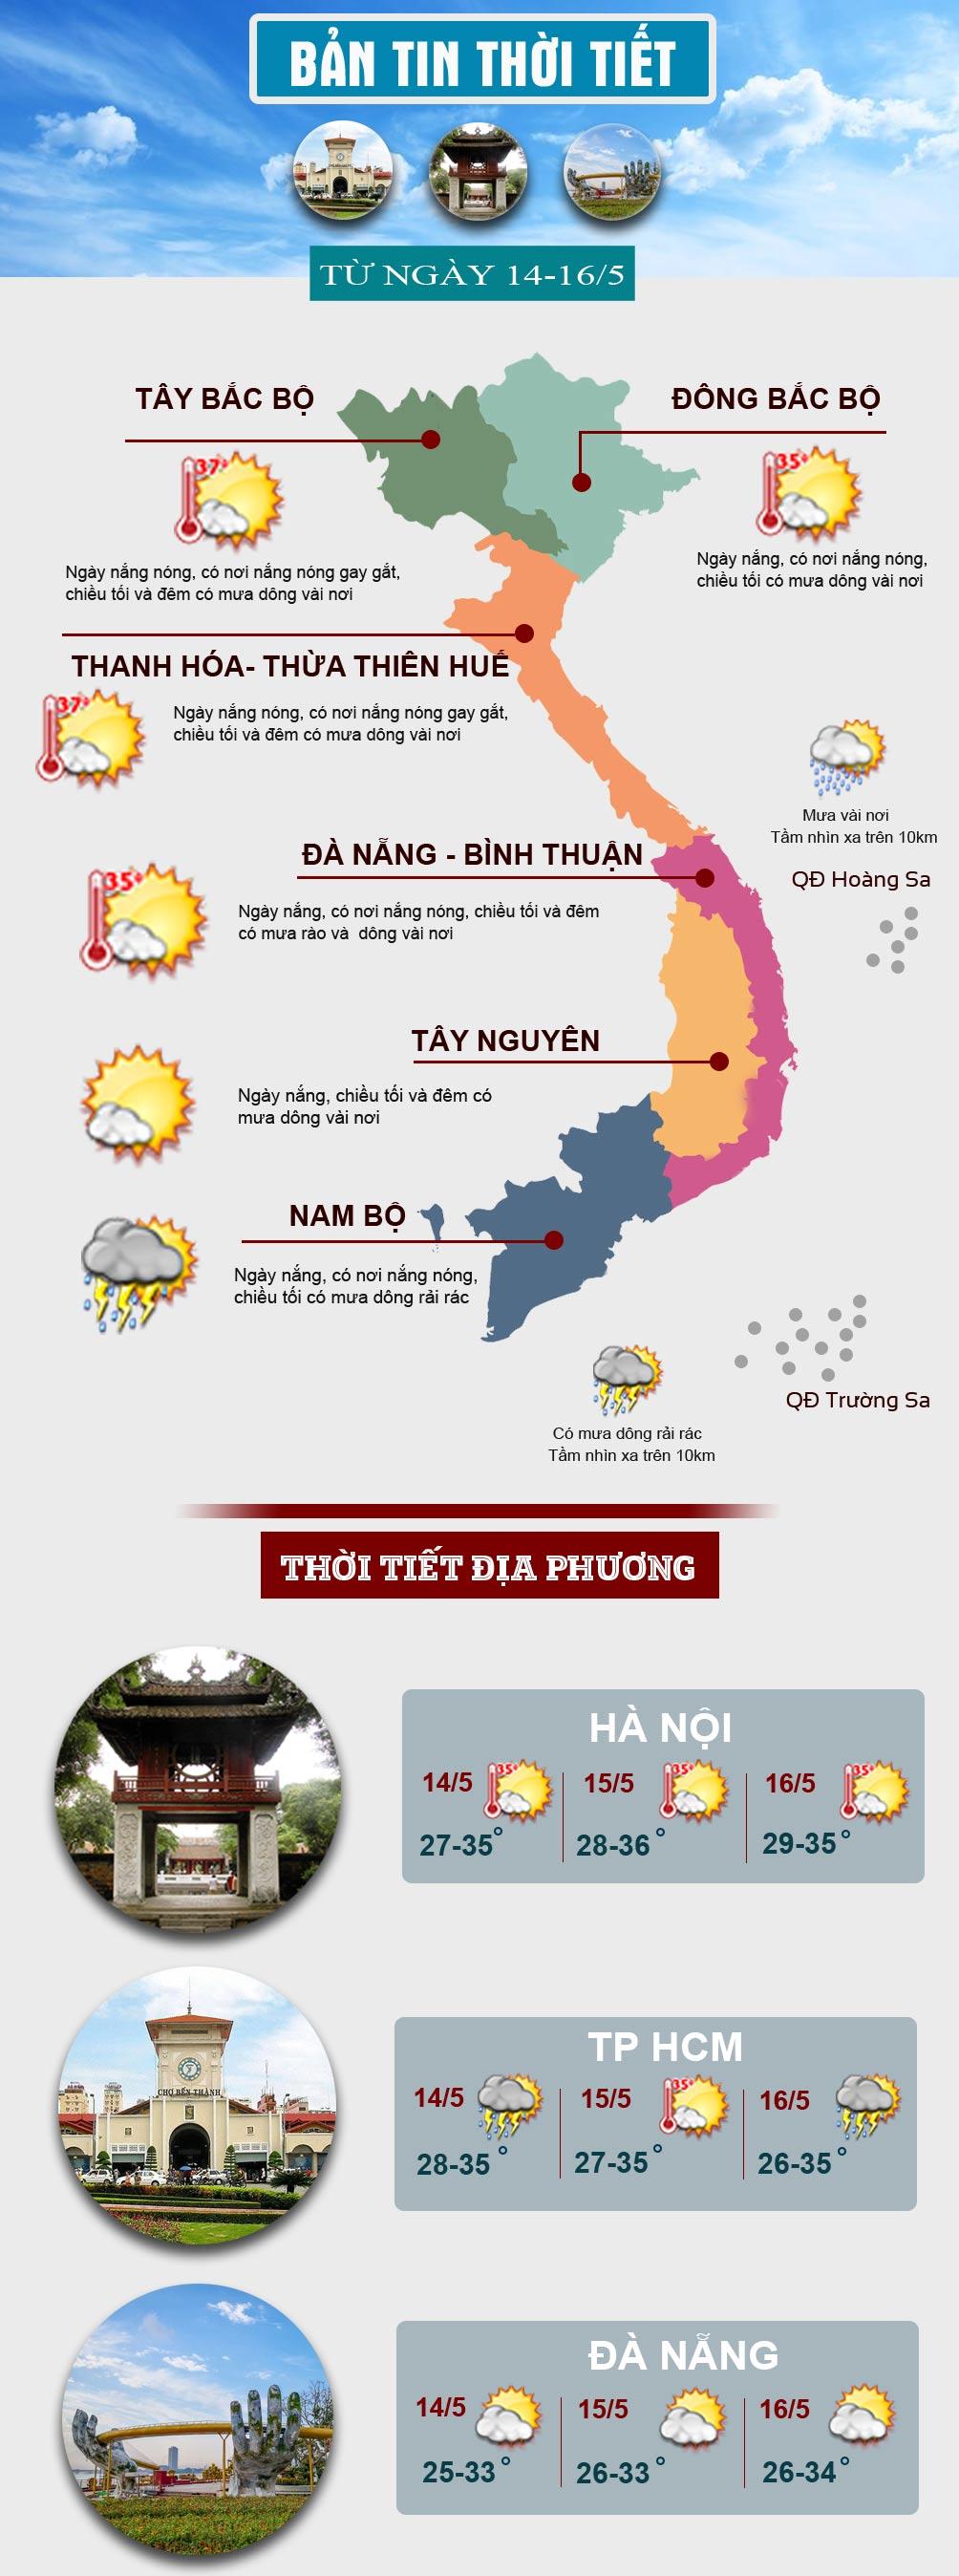 Nắng nóng gay gắt tiếp diễn ở miền Bắc và miền Trung - 1